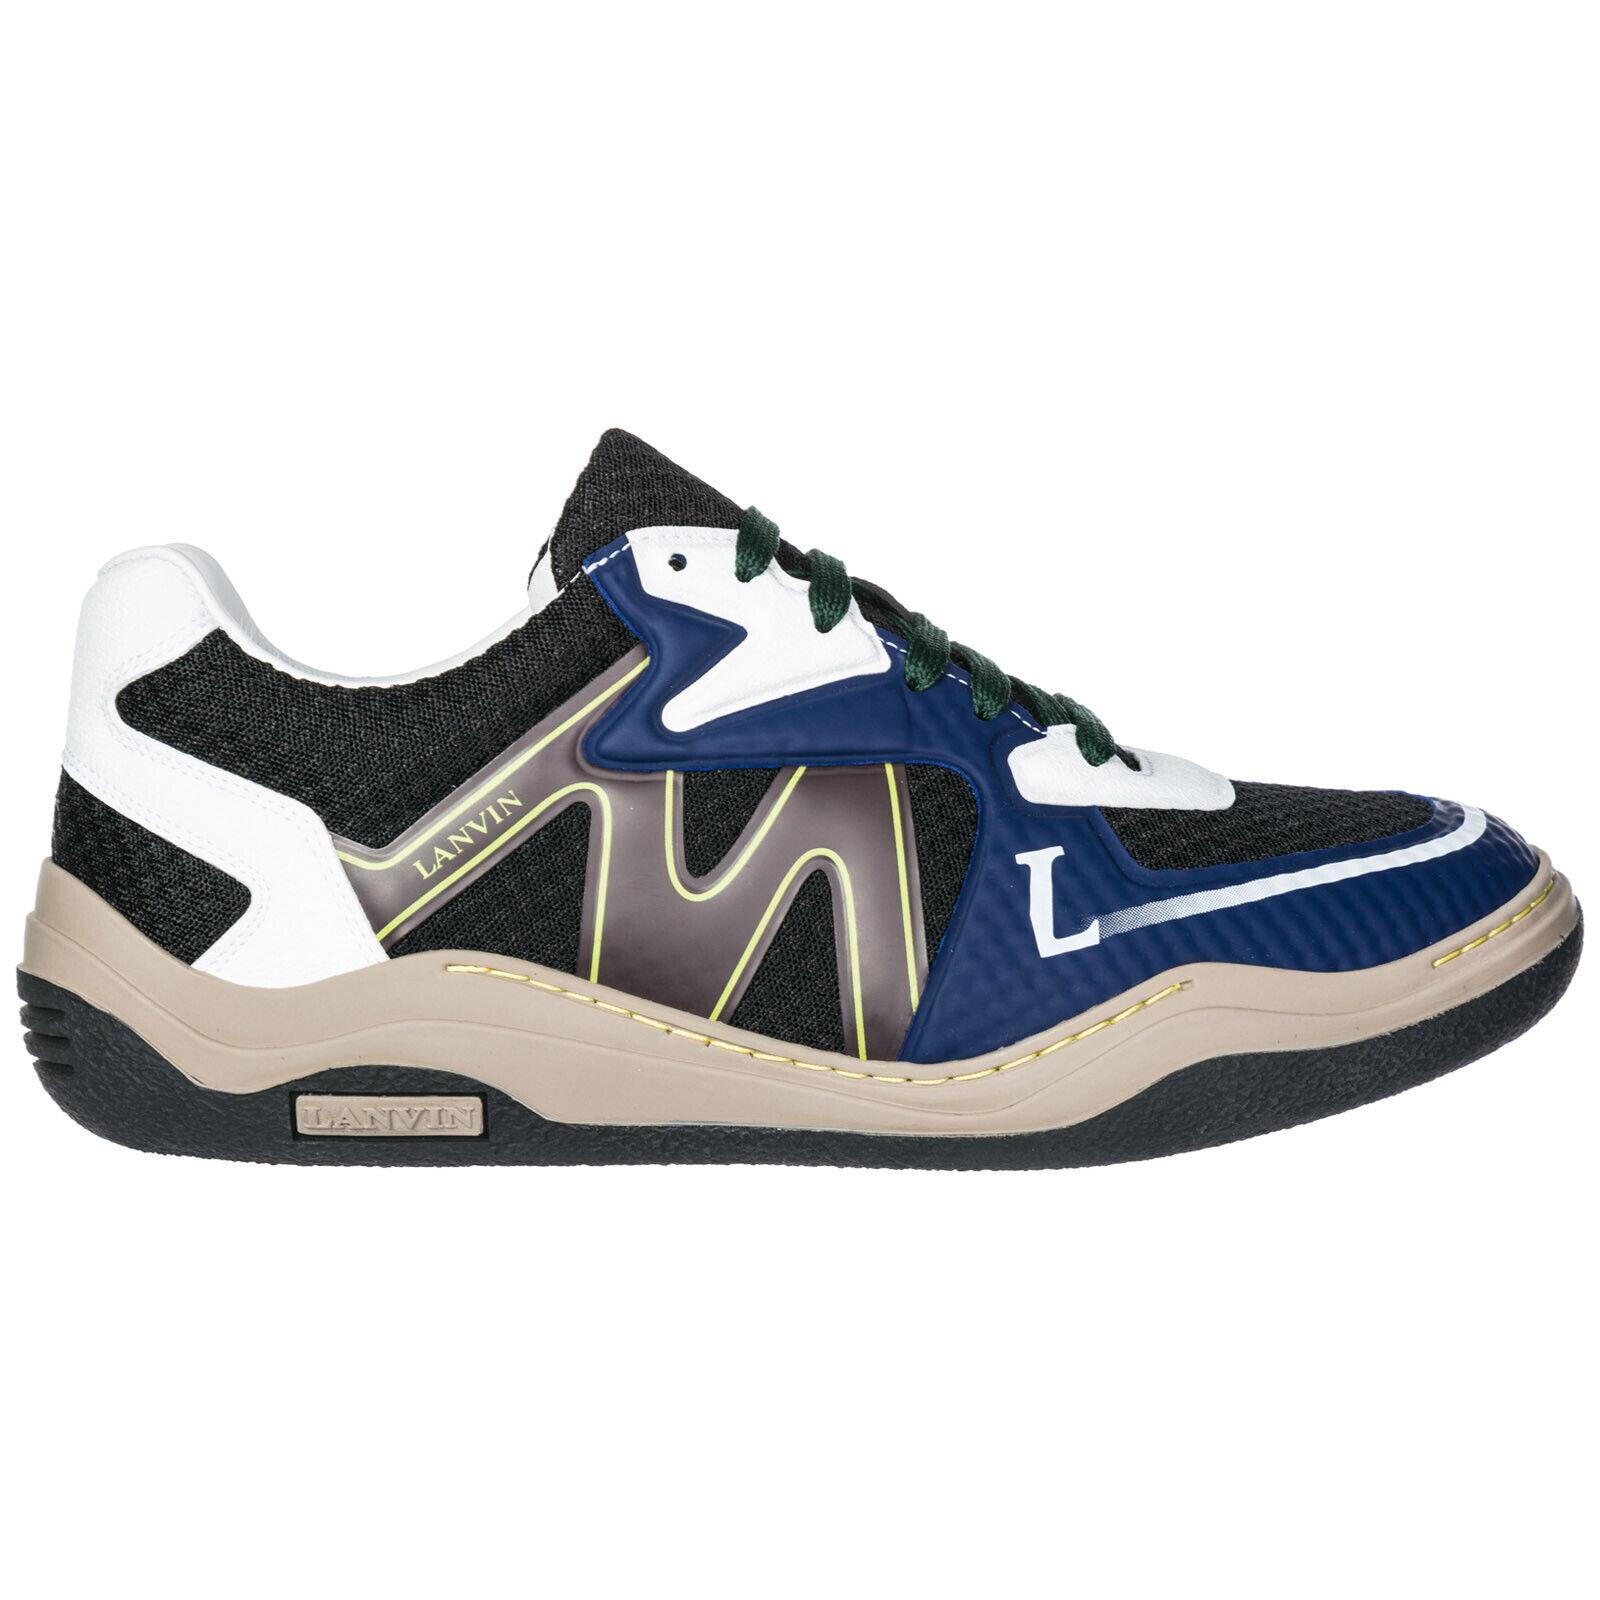 Zapatos deportivos Lanvin zapatos. hombres nuove orignale divang negro 722